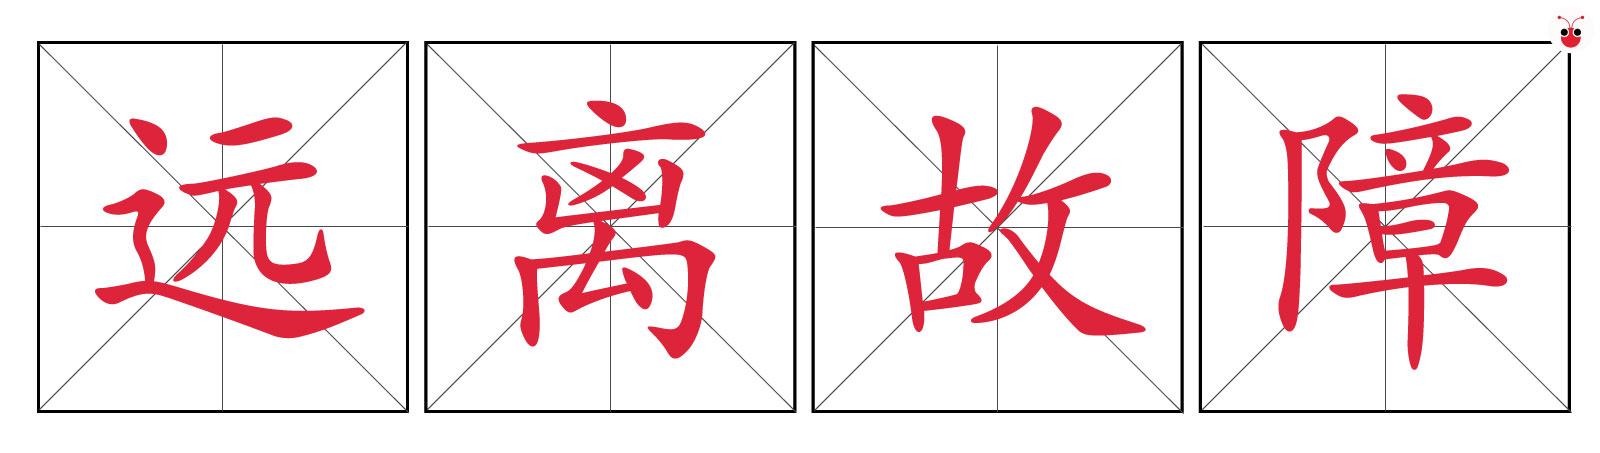 20180124_words6.jpg